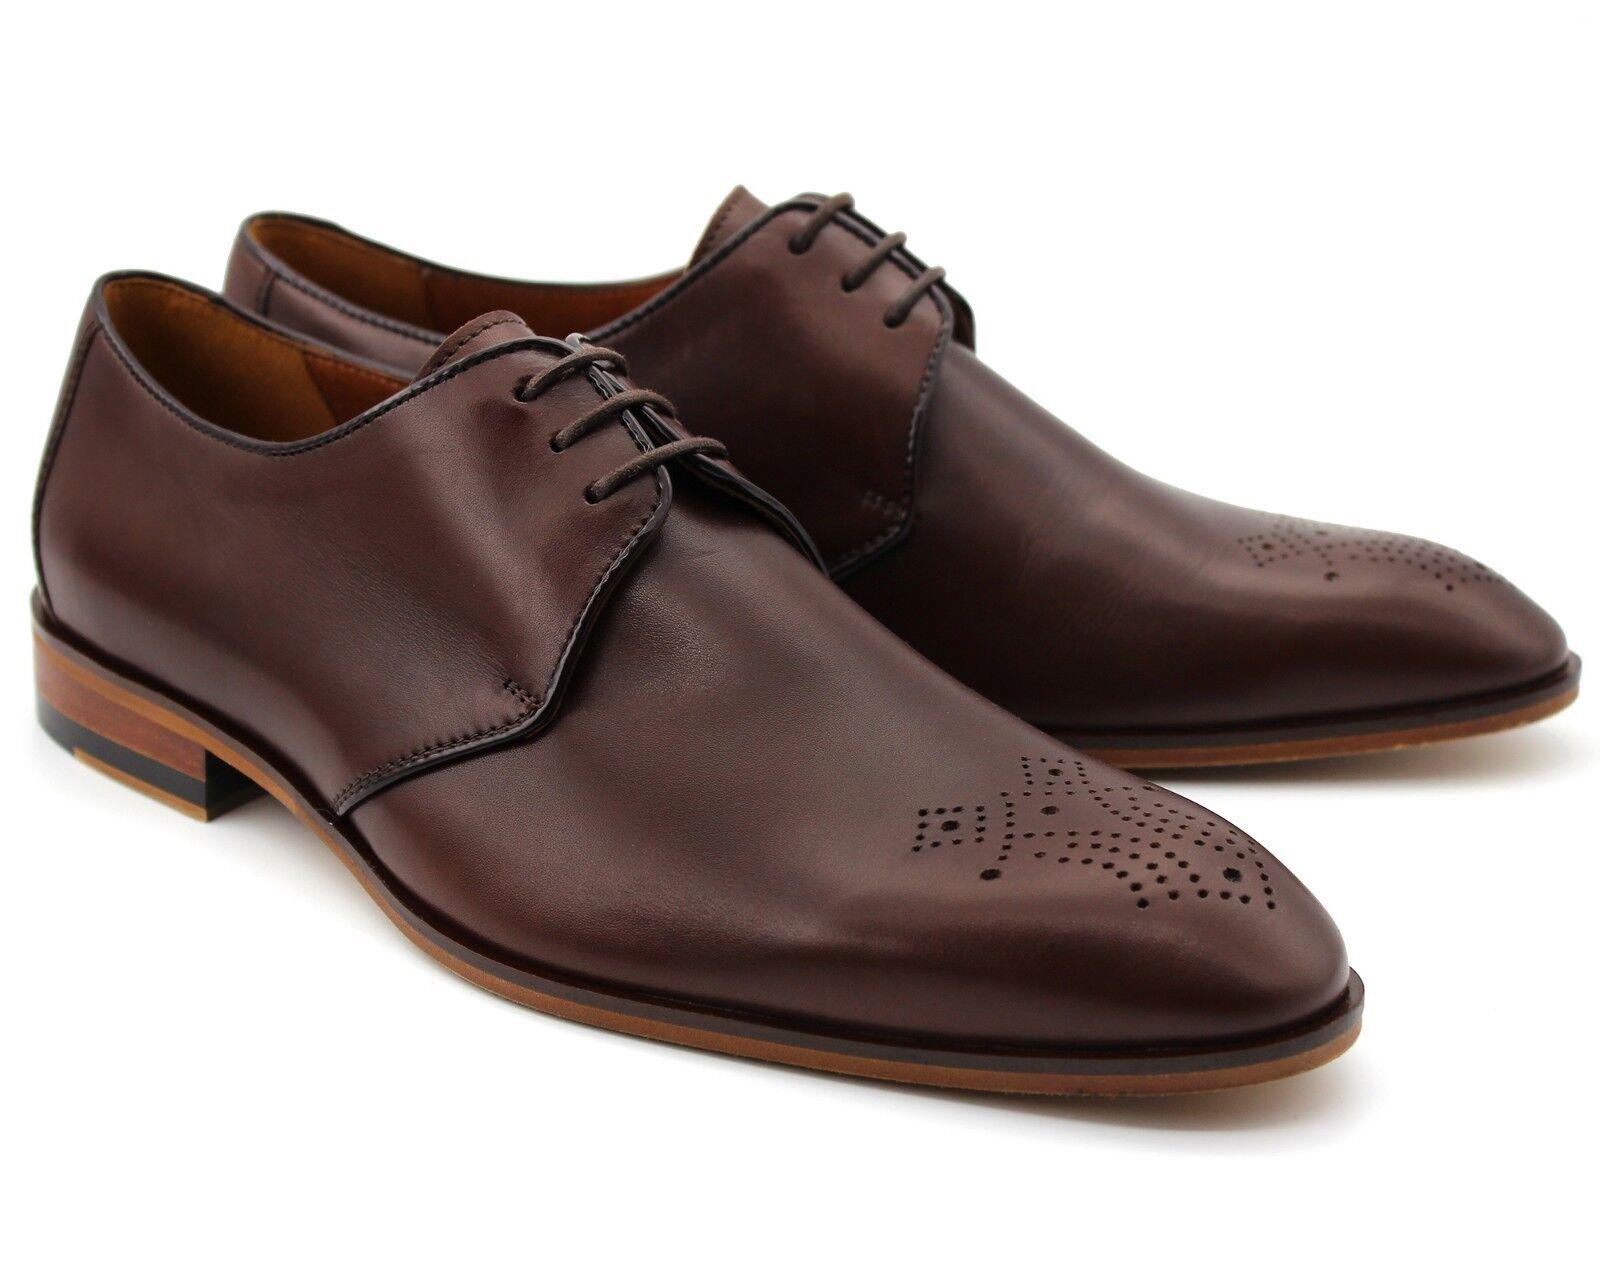 175 UK 7 Homme Marron En Cuir Véritable intelligent Chaussures à Lacets Bureau Travail Mariage EU 41